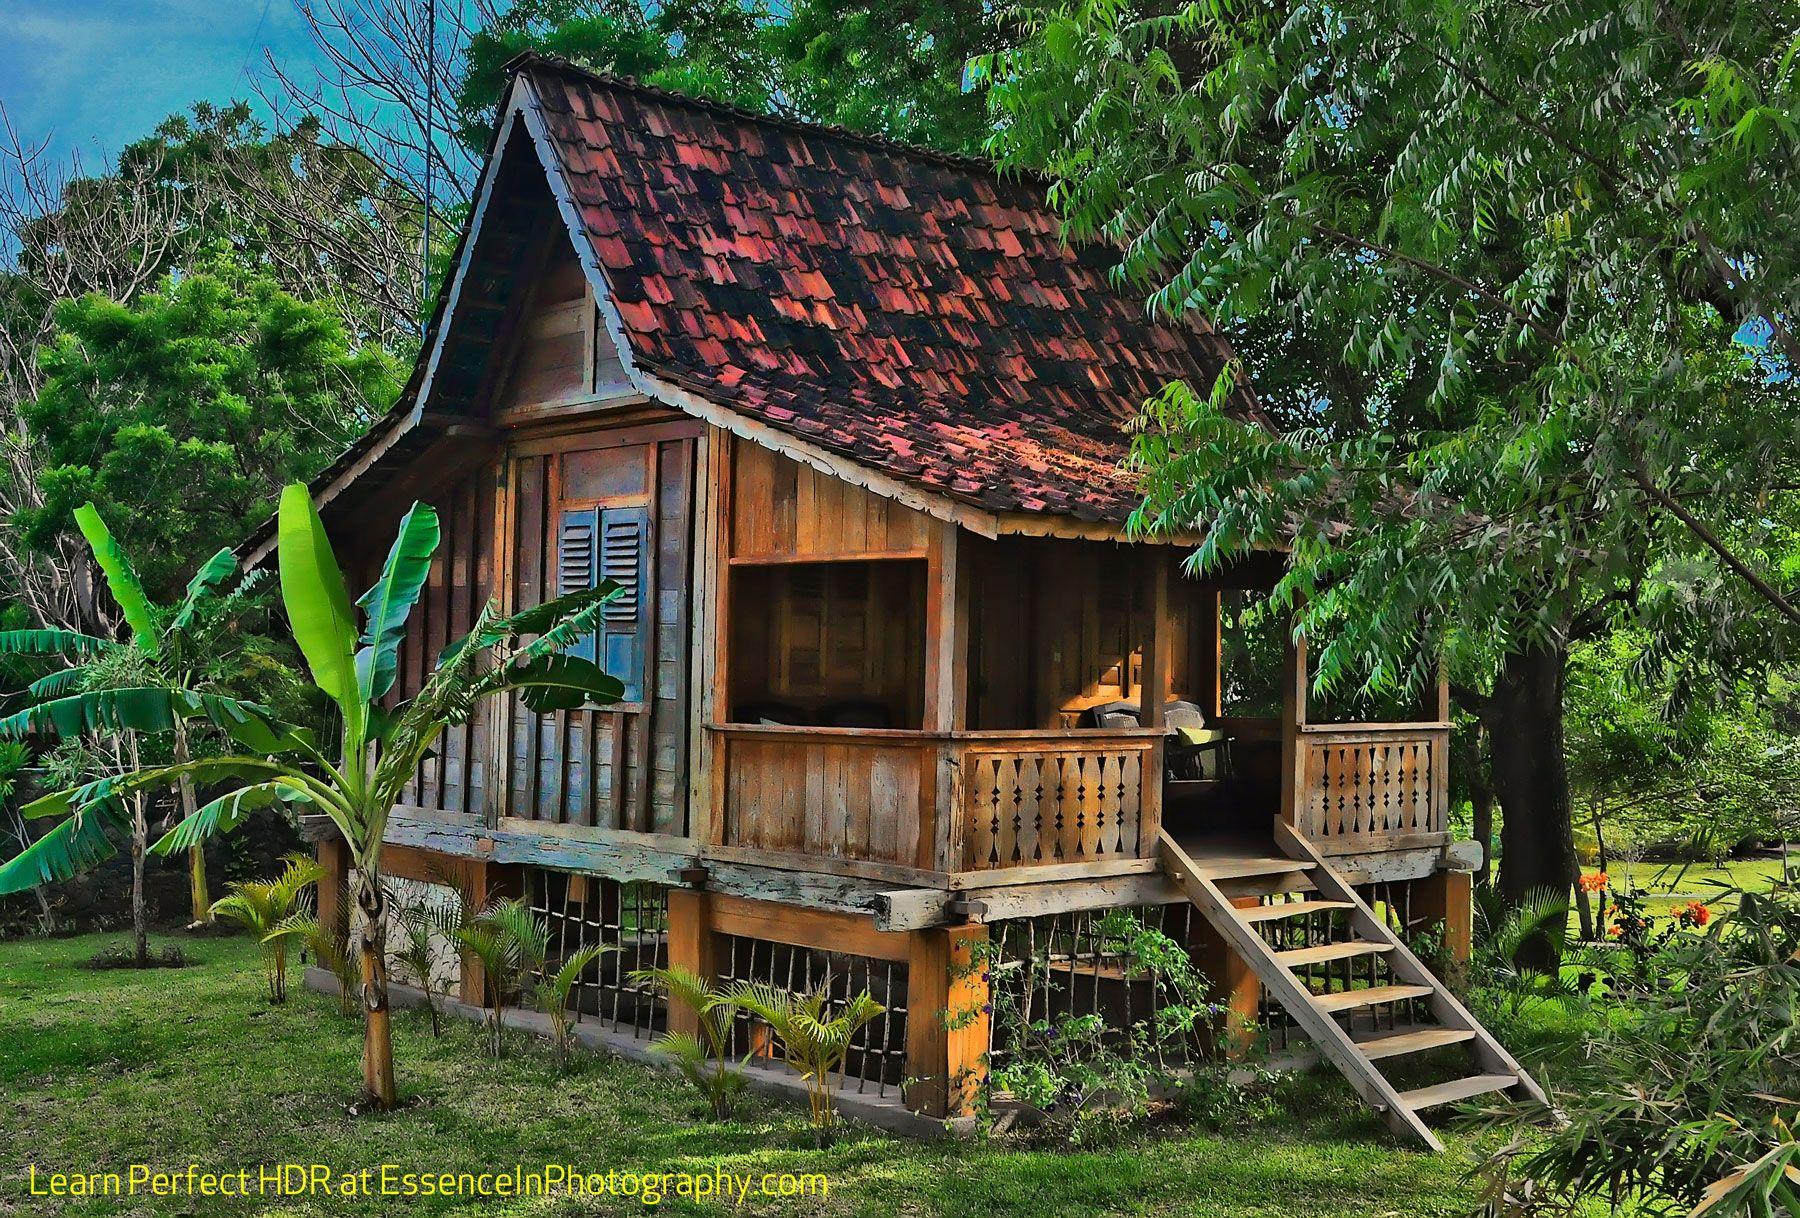 villagehutpemuteranbaybaliindonesia. I want to go to